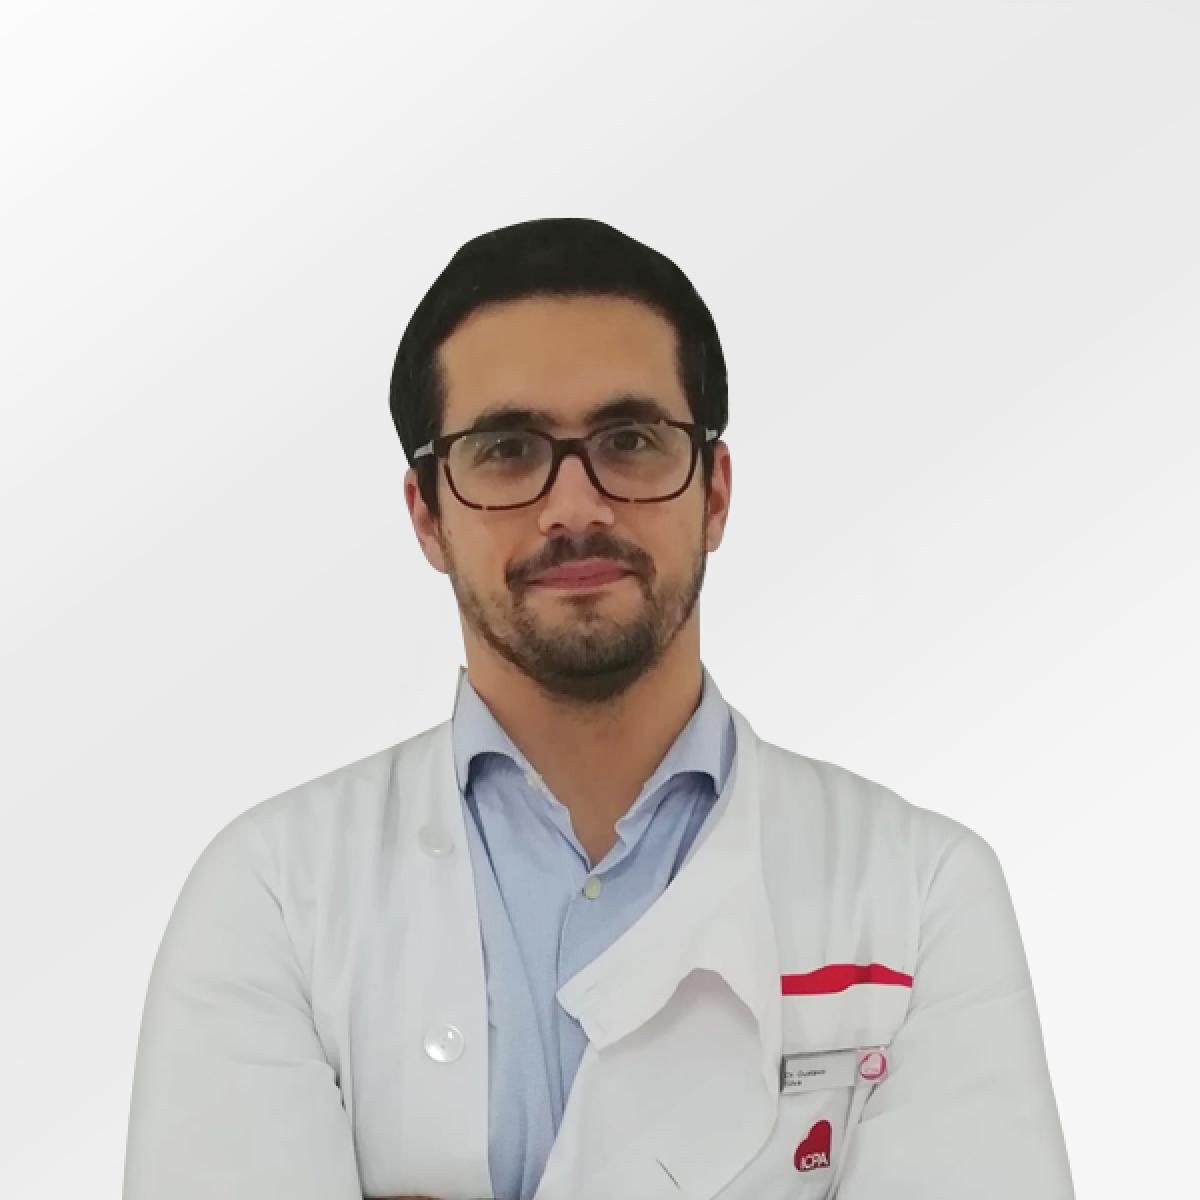 Dr. Gustavo Lima